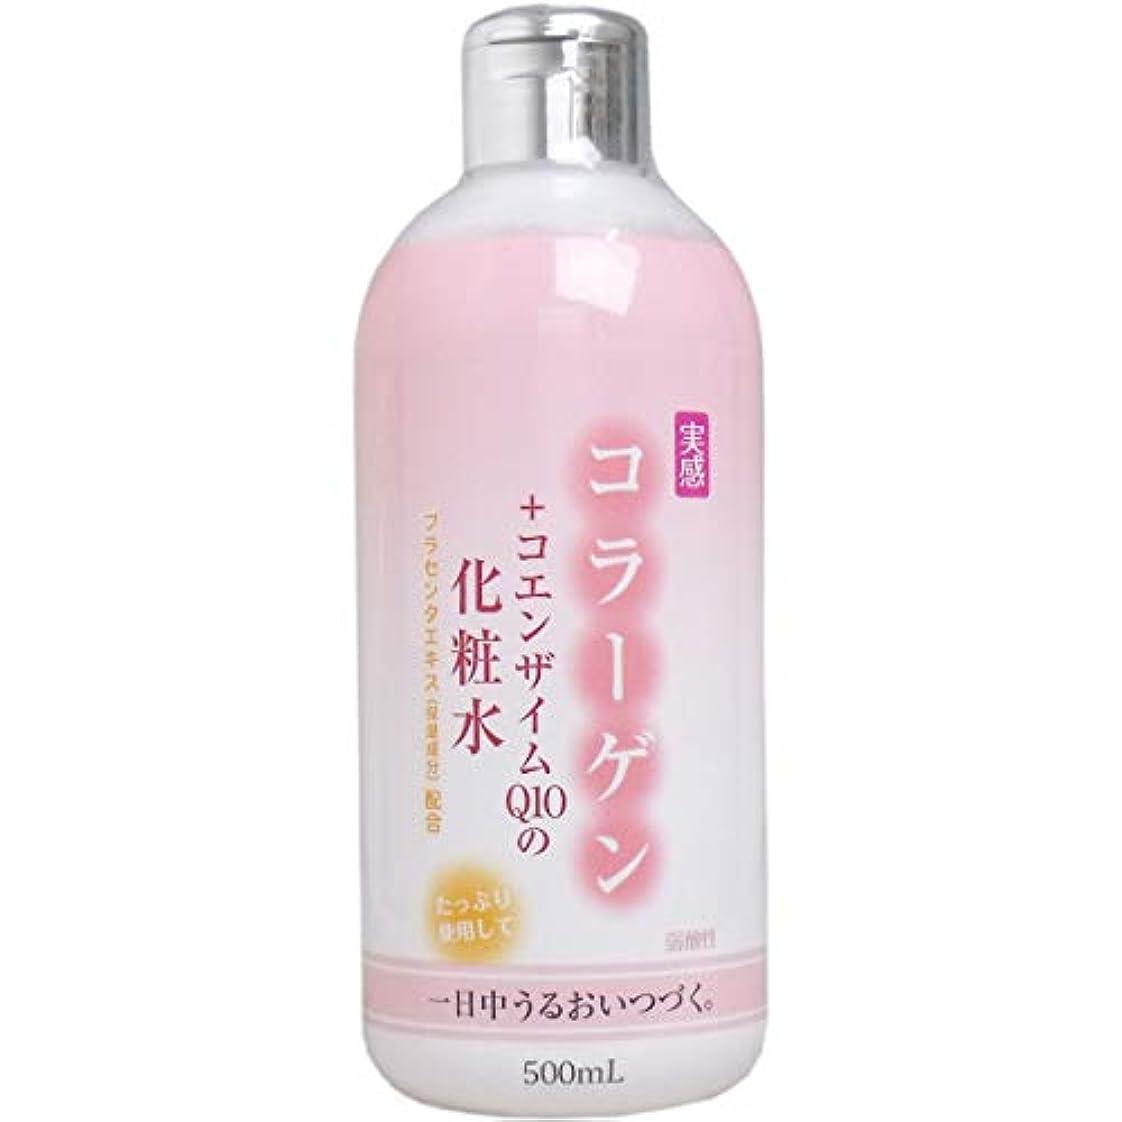 現実動的ずんぐりしたコラーゲン+コエンザイムQ10 化粧水 500mL